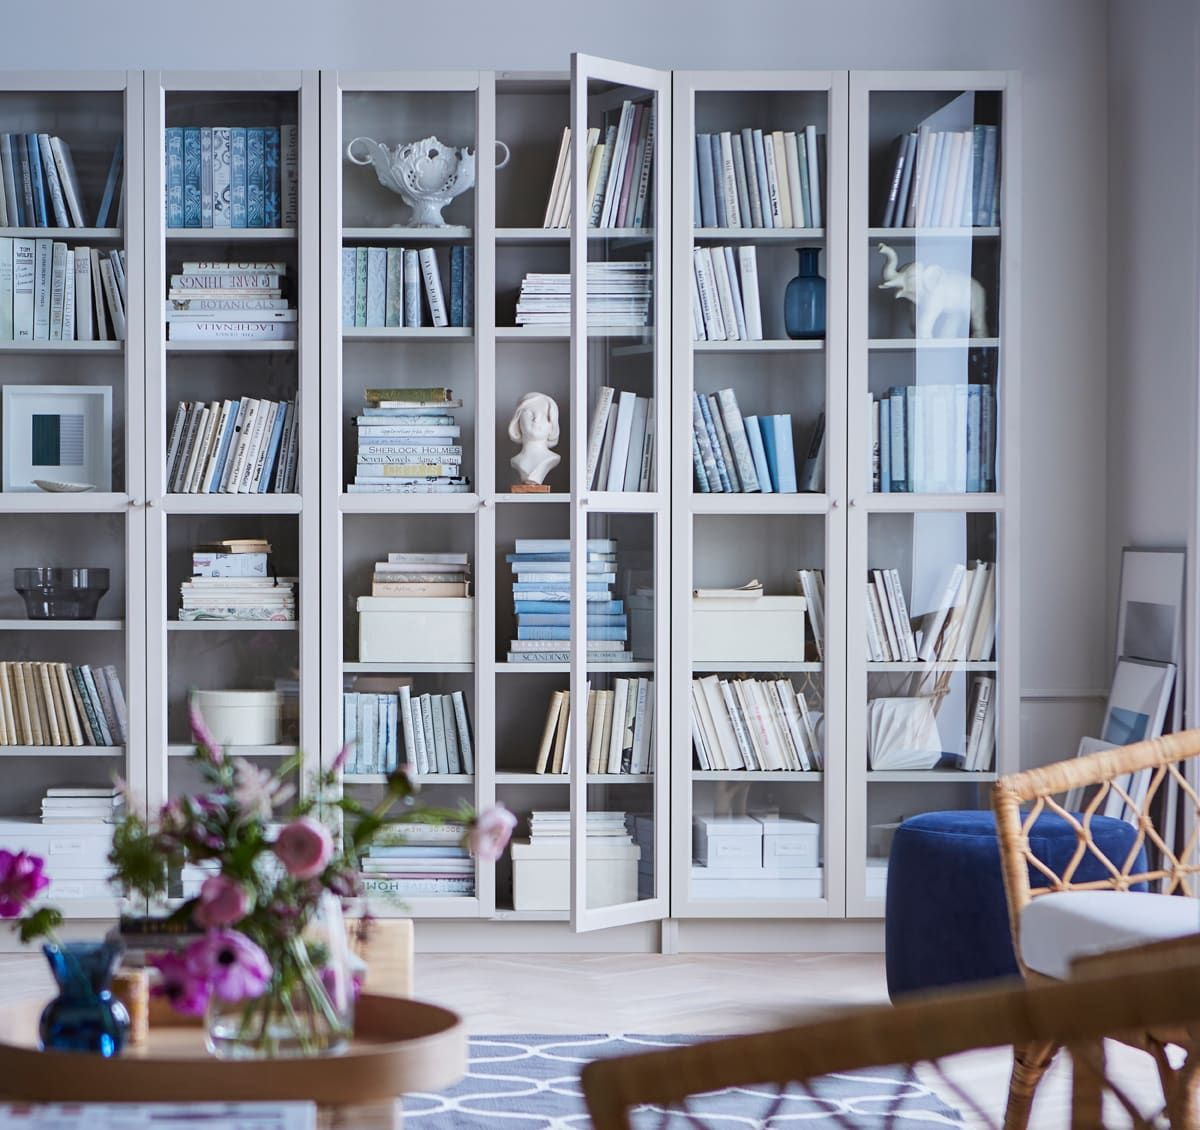 Ikea Billy Bucherregal Beige Das Ist Die Erfolgsgeschichte Eines Bucherregals V Bucherschrank Mit Glasturen Billy Bucherregal Aufbewahrung Regal Kinderzimmer